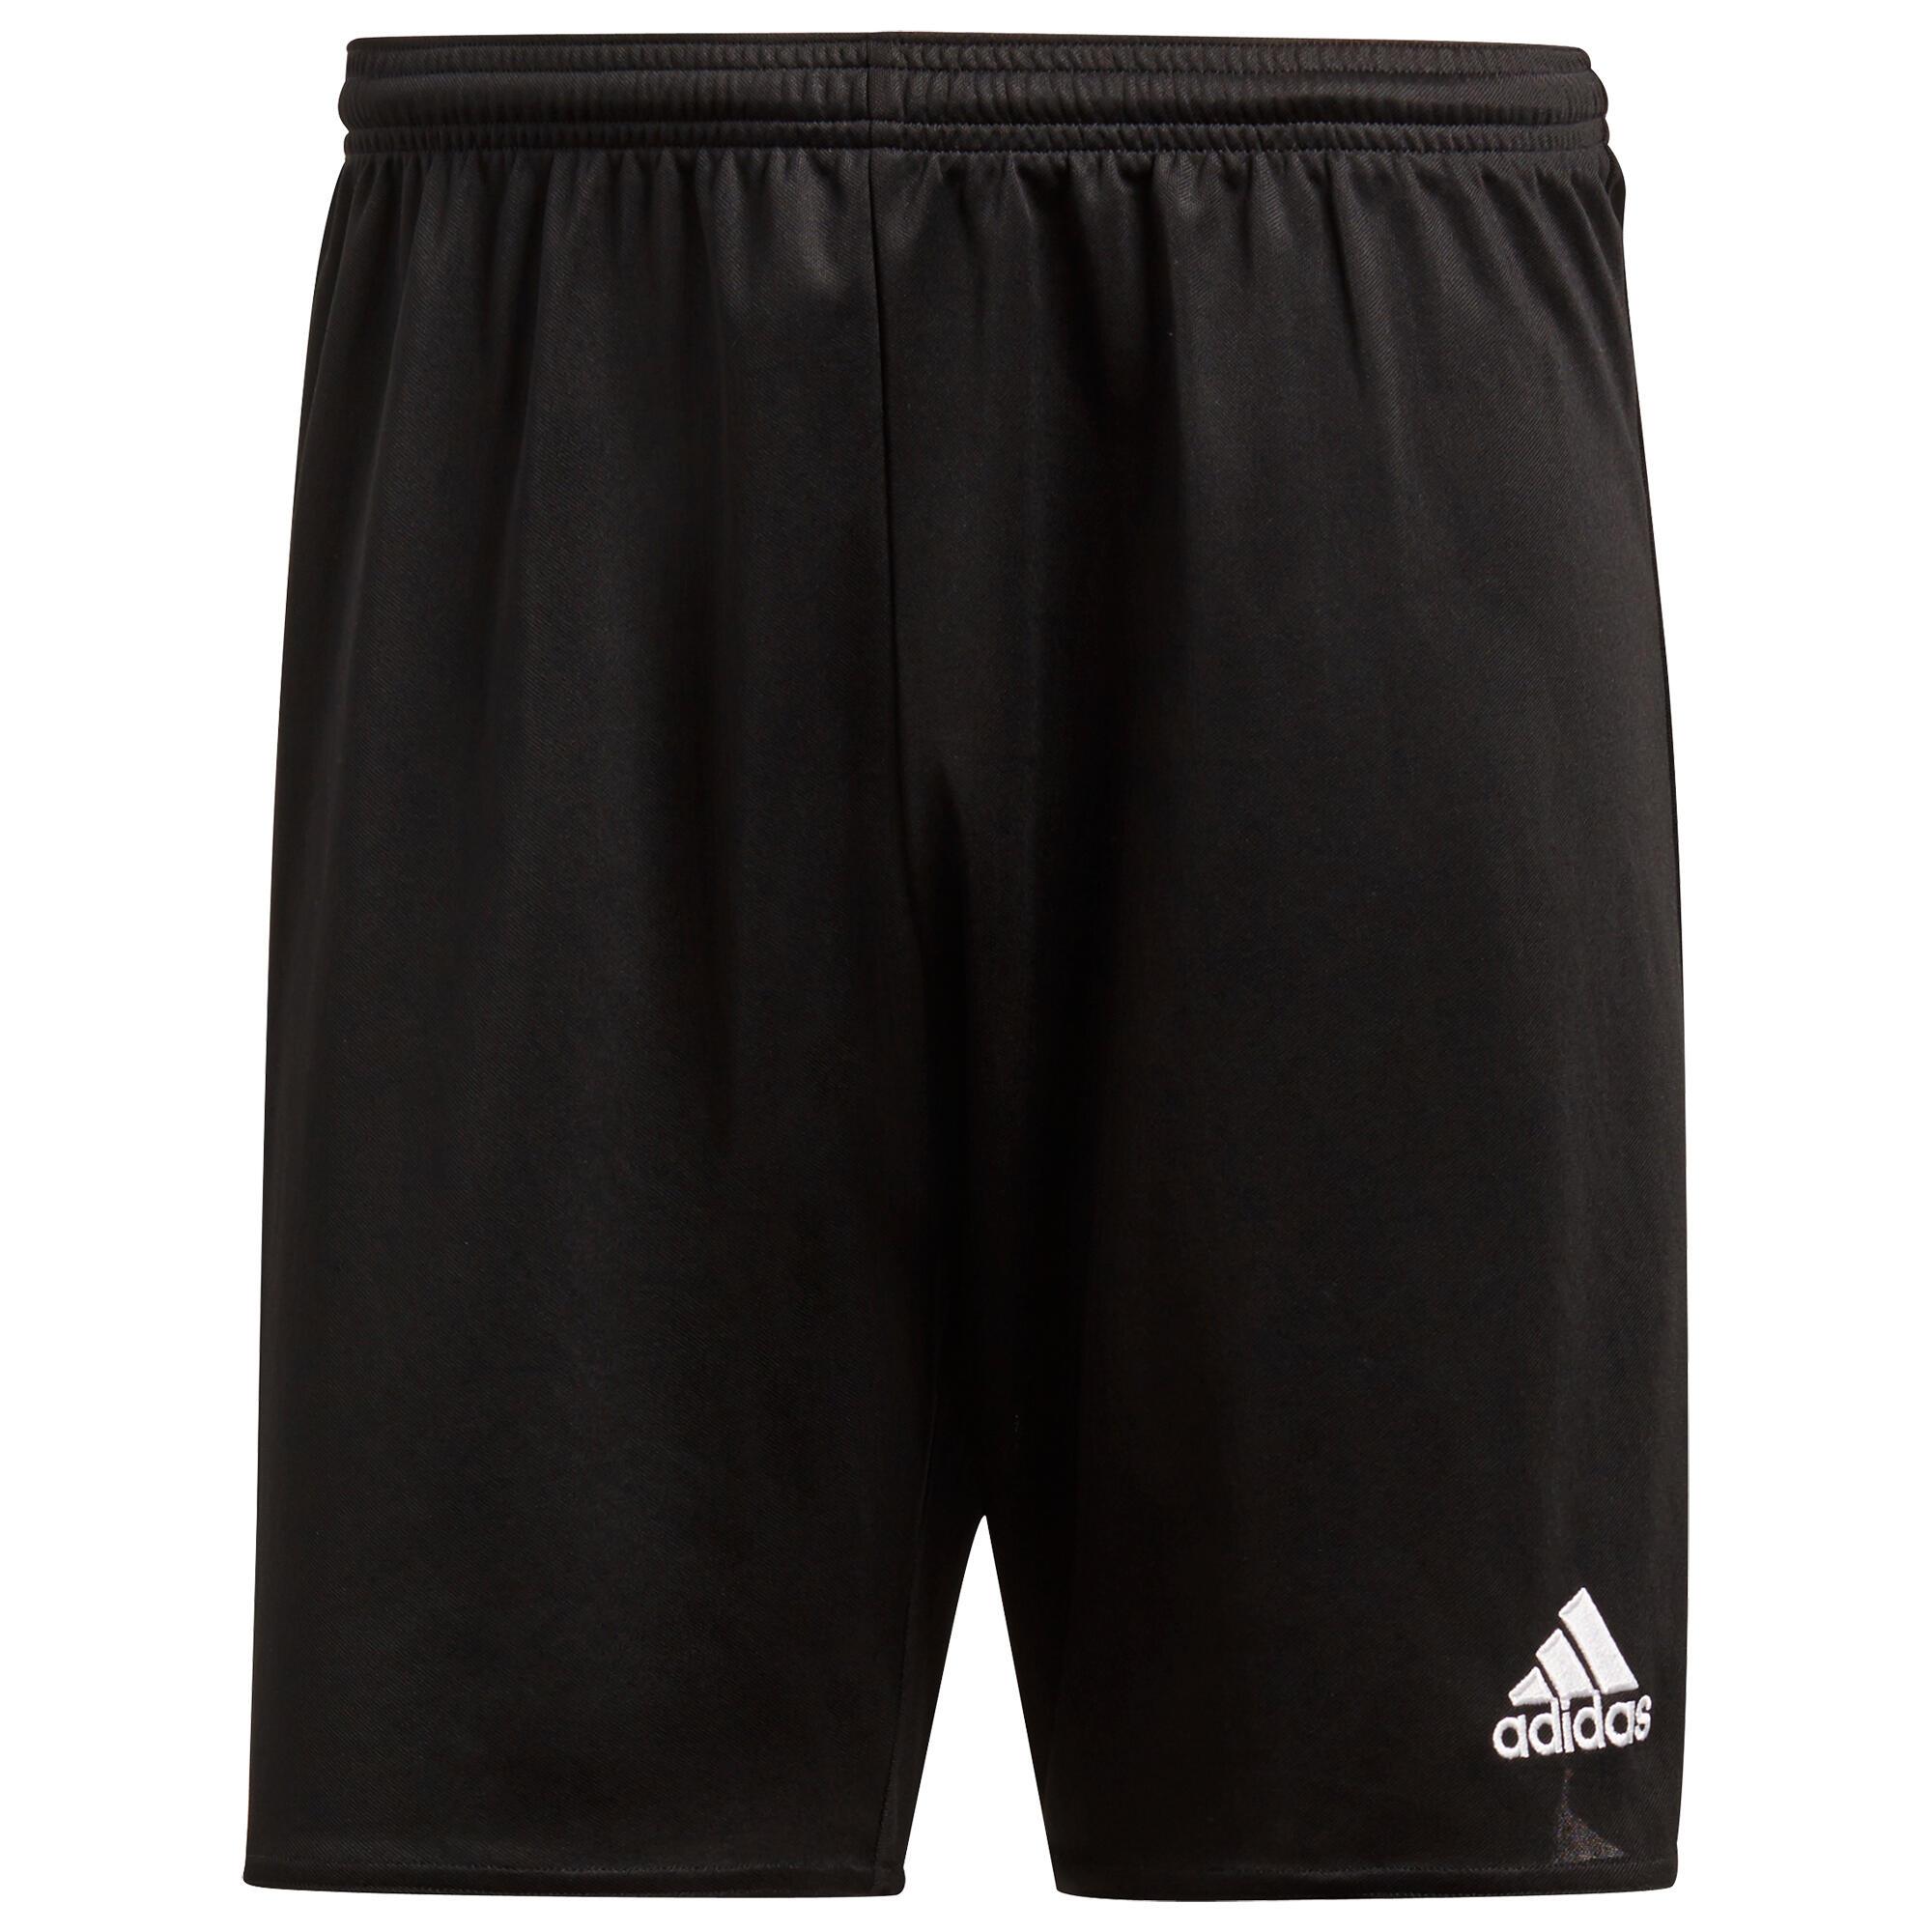 Fußballshorts Parma Erwachsene schwarz | Sportbekleidung > Sporthosen > Fußballhosen | Adidas